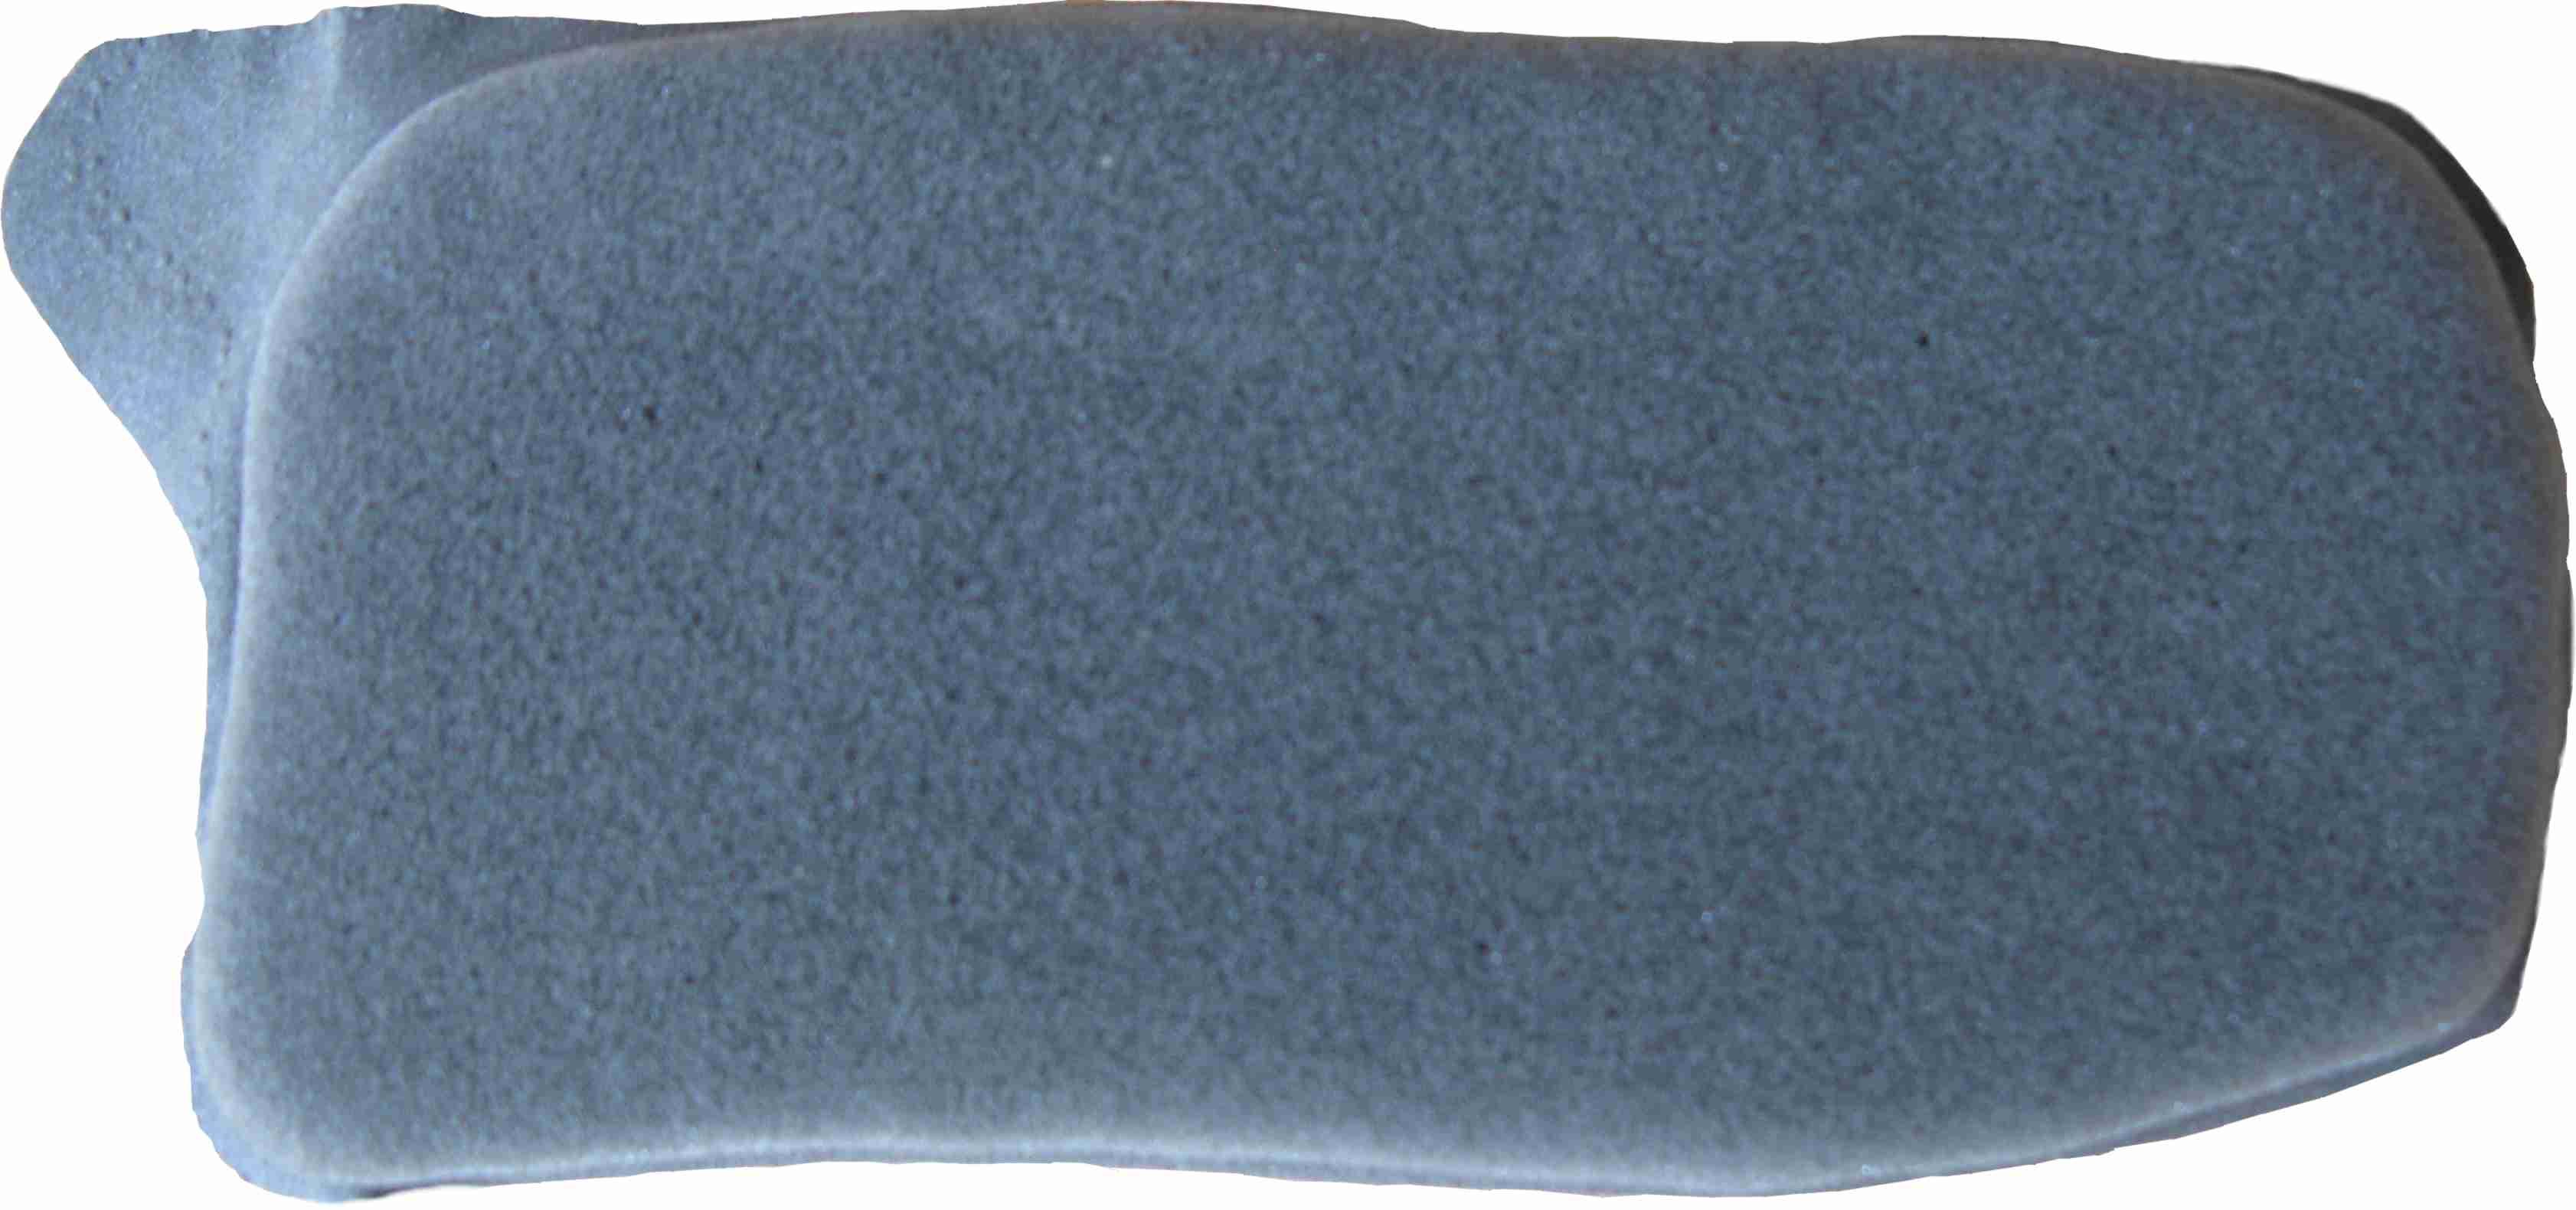 Filtračné vrecká a aktívny pachový filter VK130 / VK 131